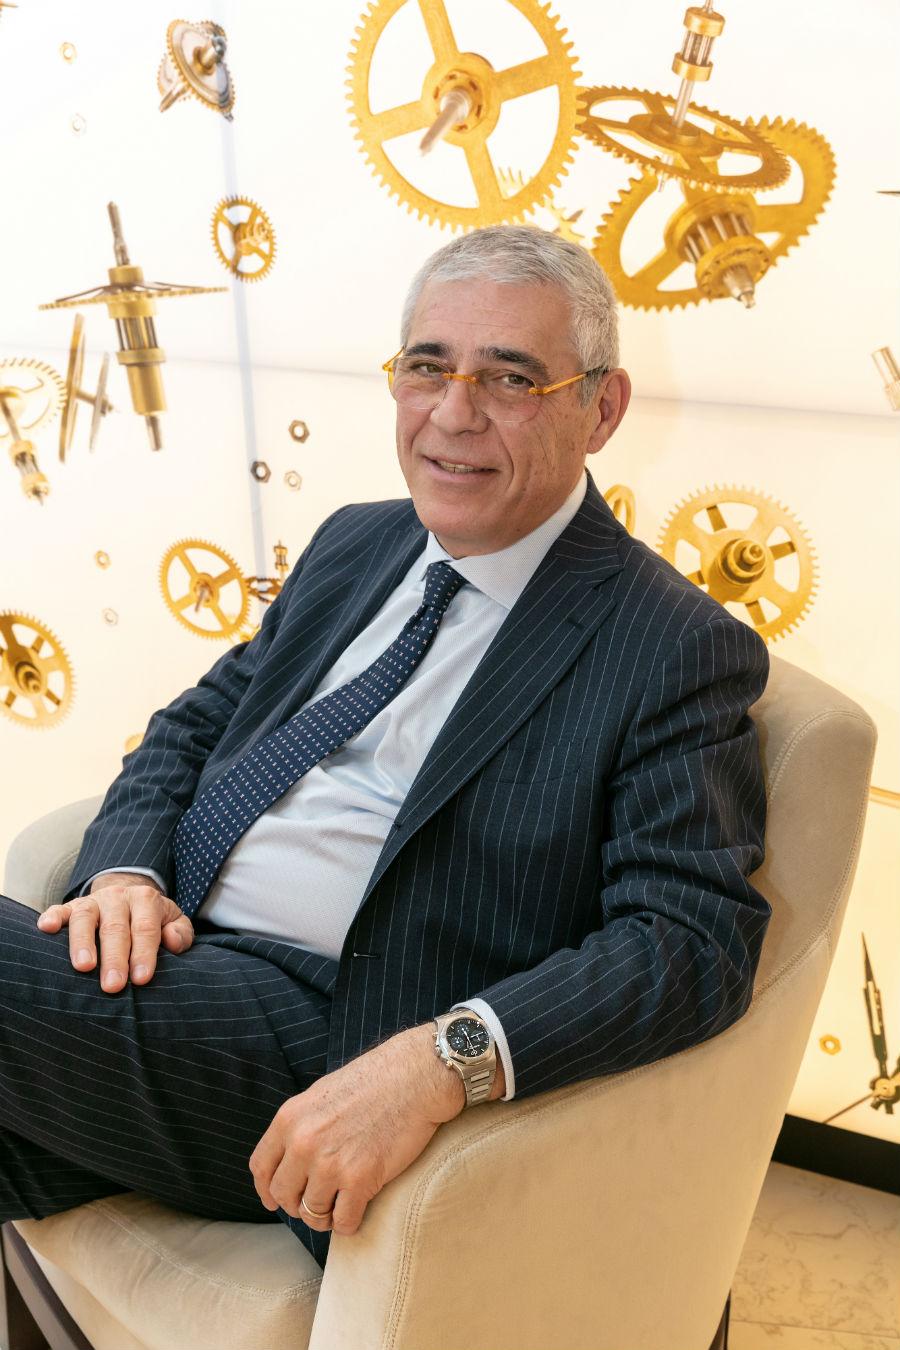 Pisa Orologeria – Milano – Il Dottor Bertini indossa il nuovo Laureato Chronograph, nuovo orologio Girard-Perregaux nella versione in acciaio.